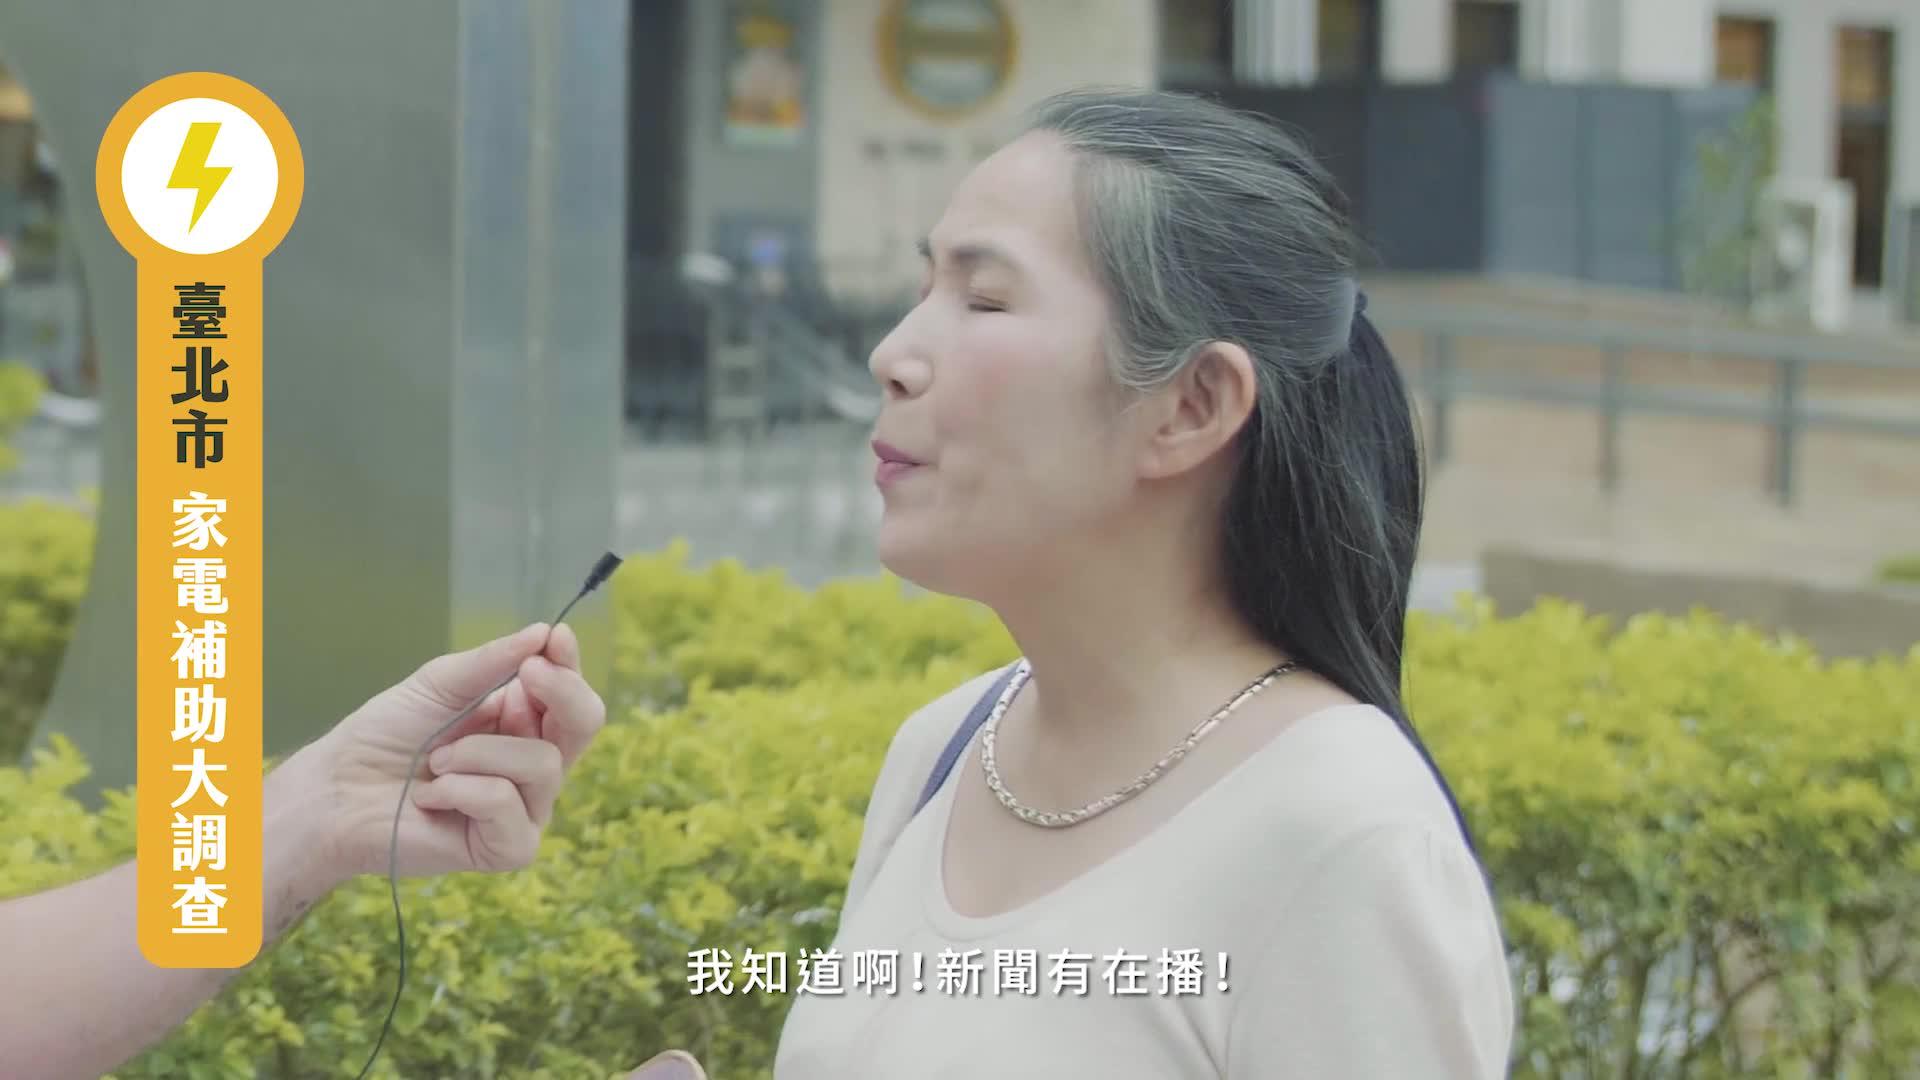 台北市家電補助宣傳影片完整版